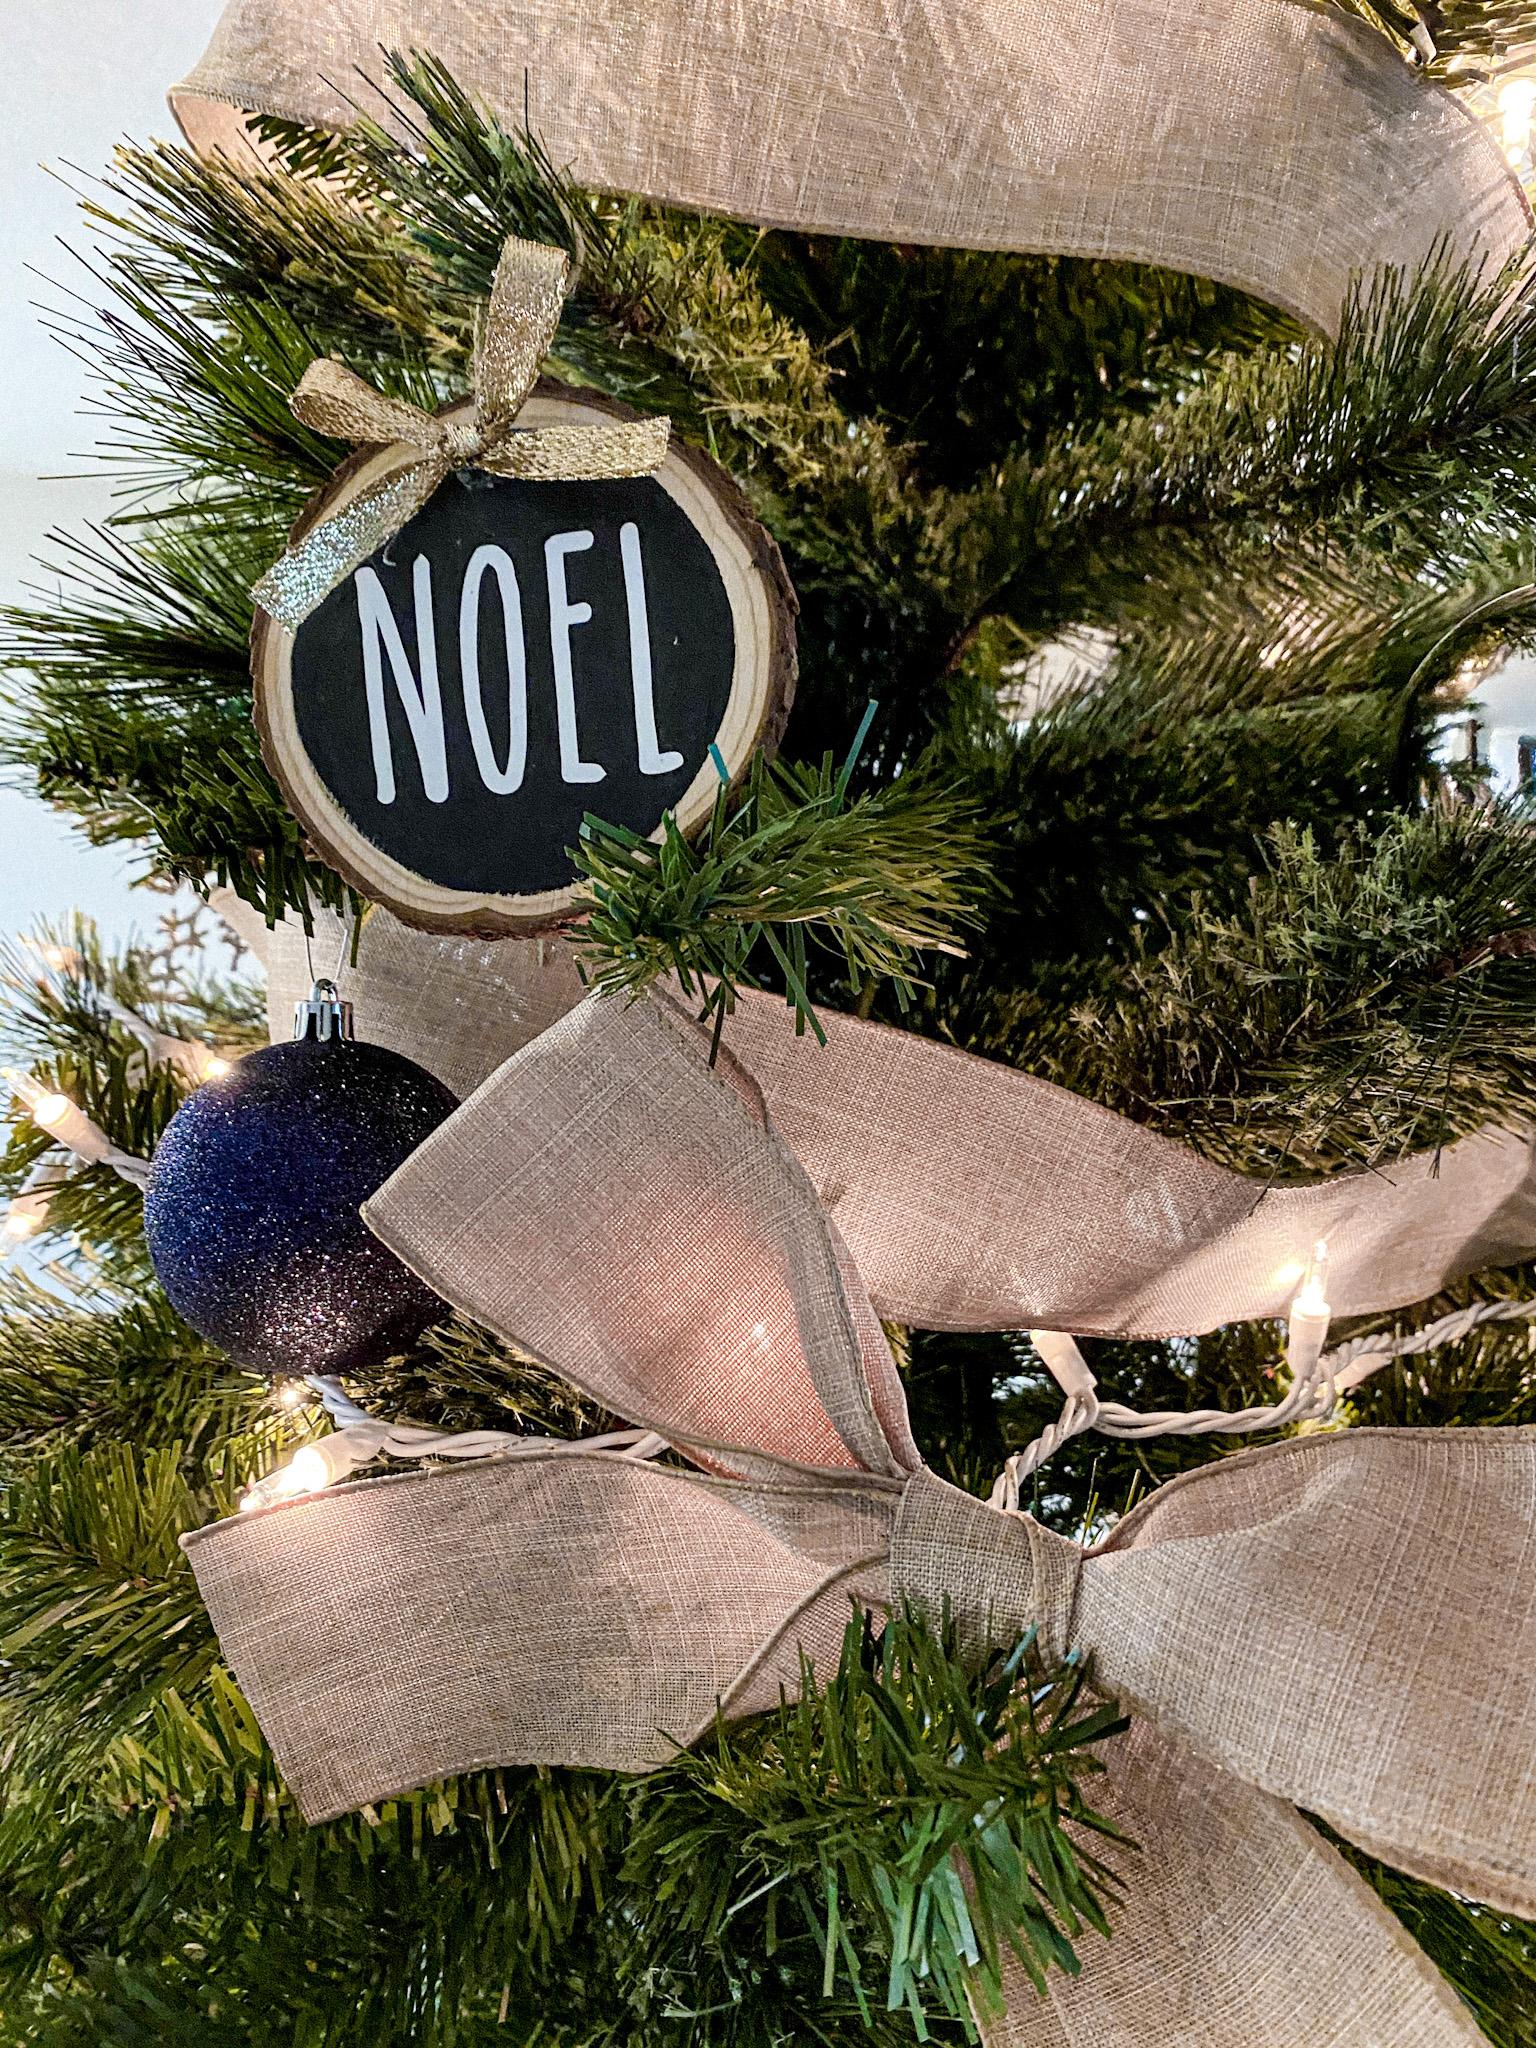 DIY wood slice ornament on a tree